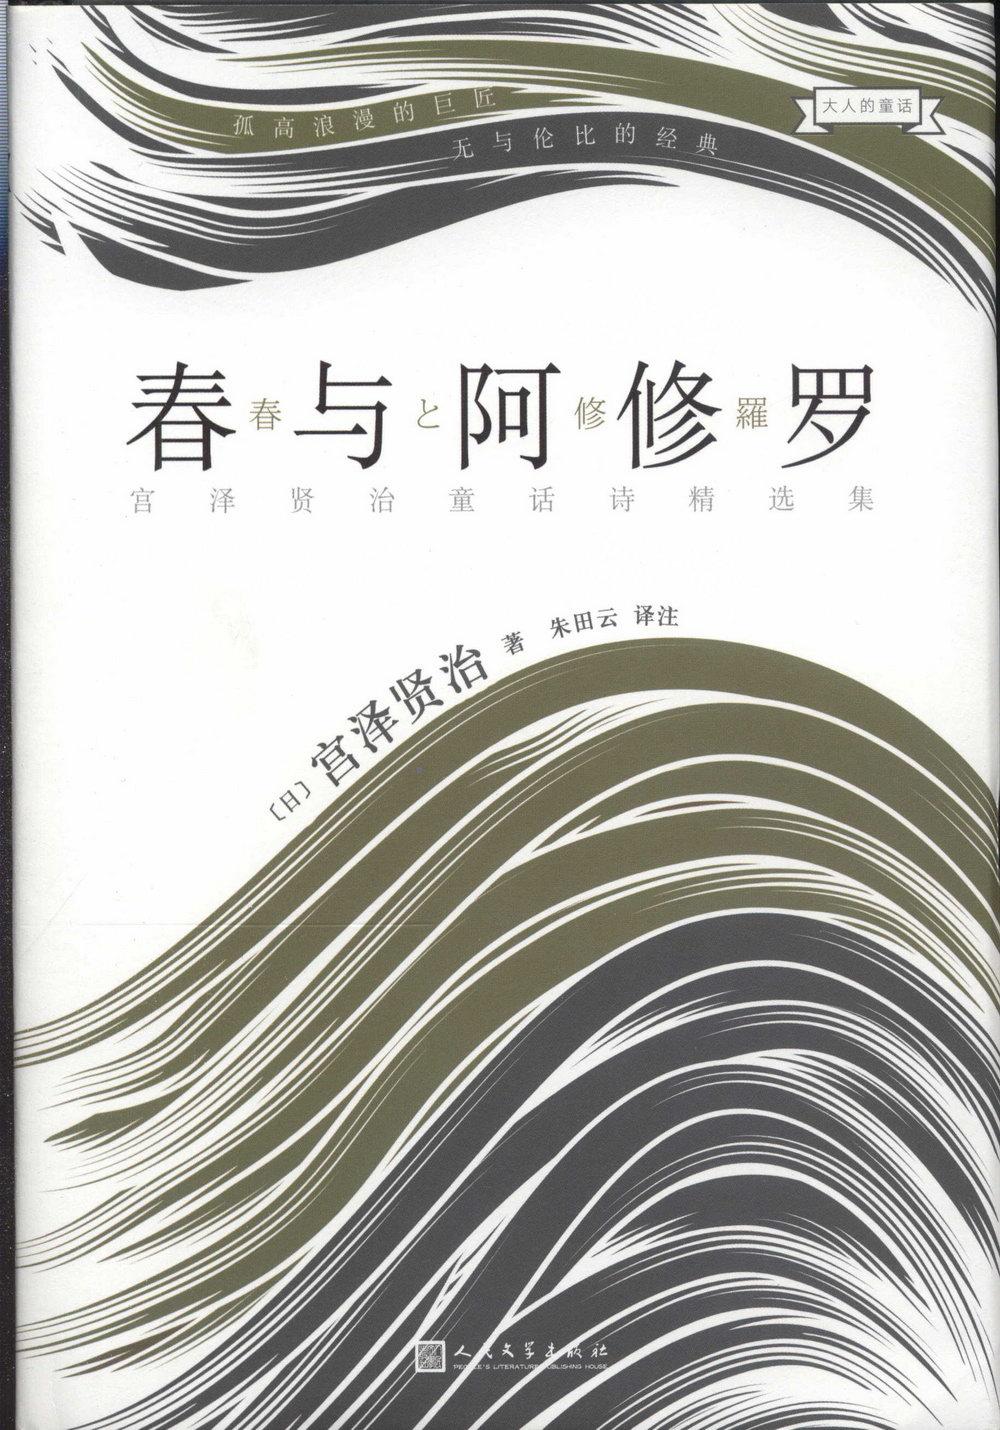 春與阿修羅:宮澤賢治童話詩精選集